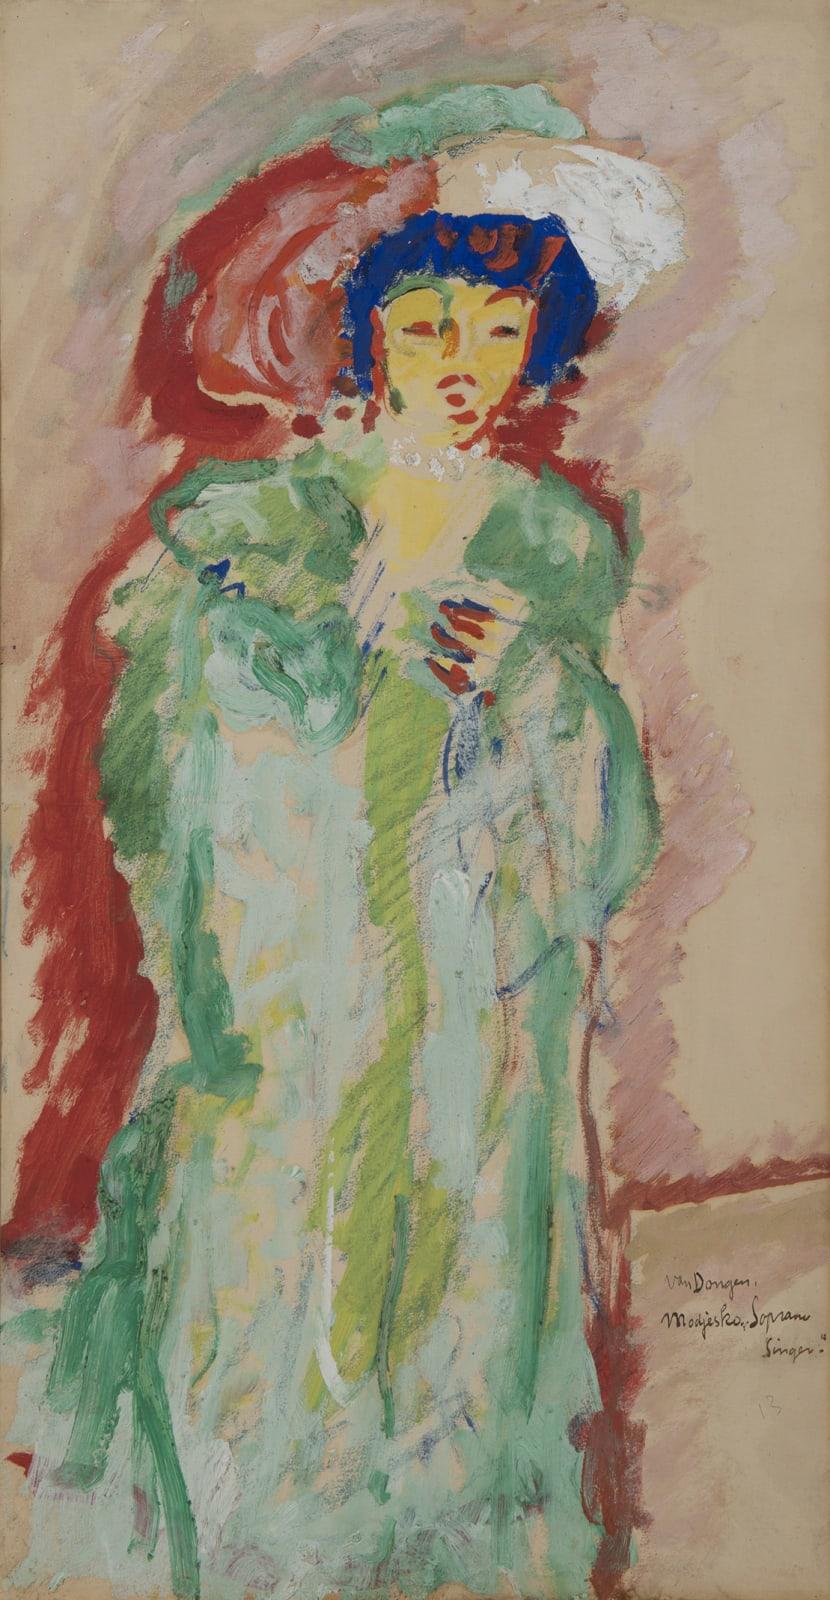 KEES VAN DONGEN, Modjesko soprano singer, 1907